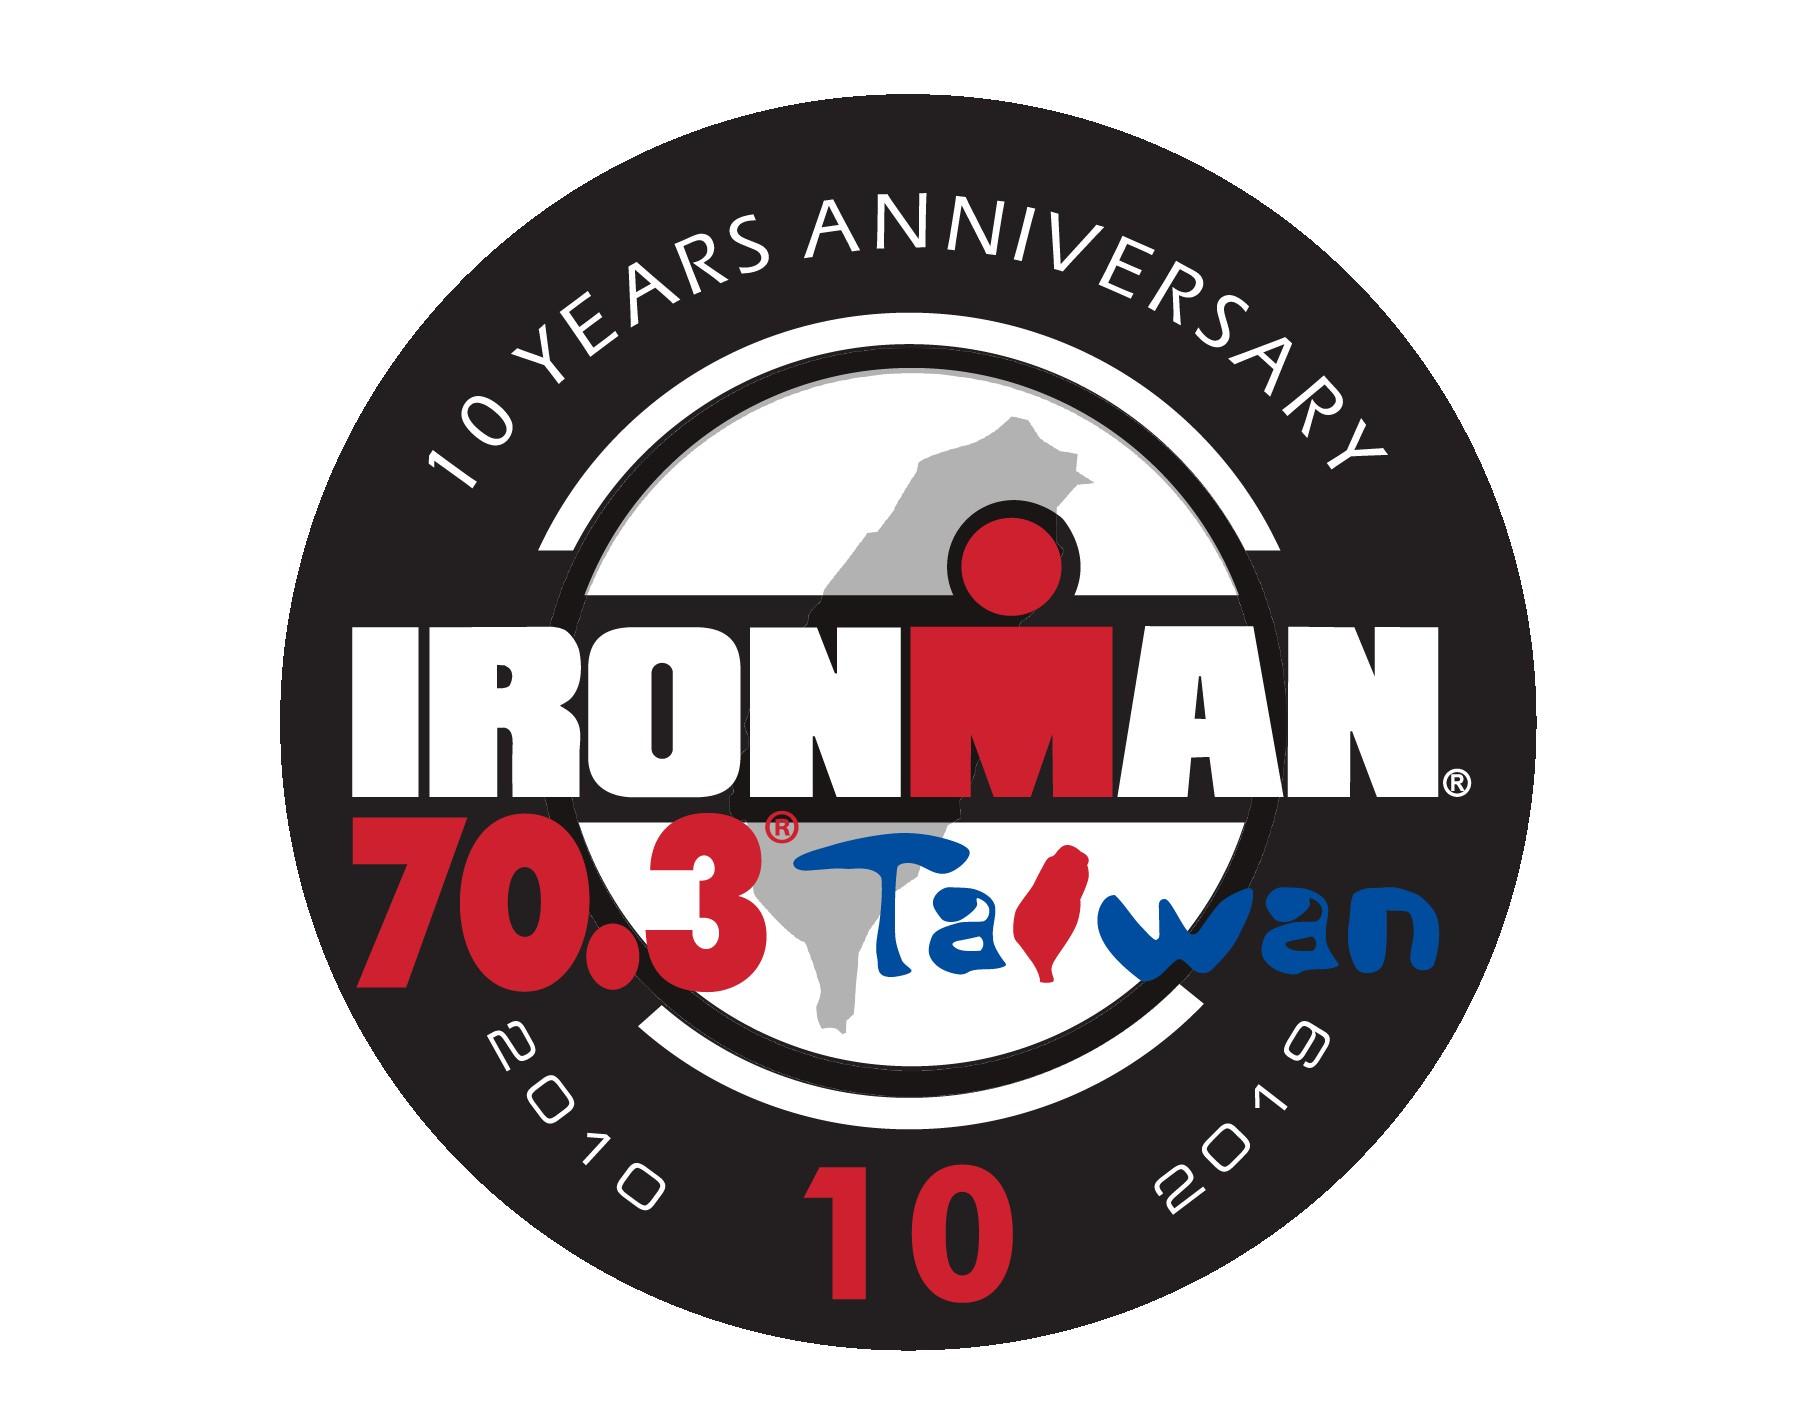 Kalender 2019 Excel Met Feestdagen Más Recientes Ironman 70 3 Taiwan Of Kalender 2019 Excel Met Feestdagen Más Recientemente Liberado Winter In Oslo norway